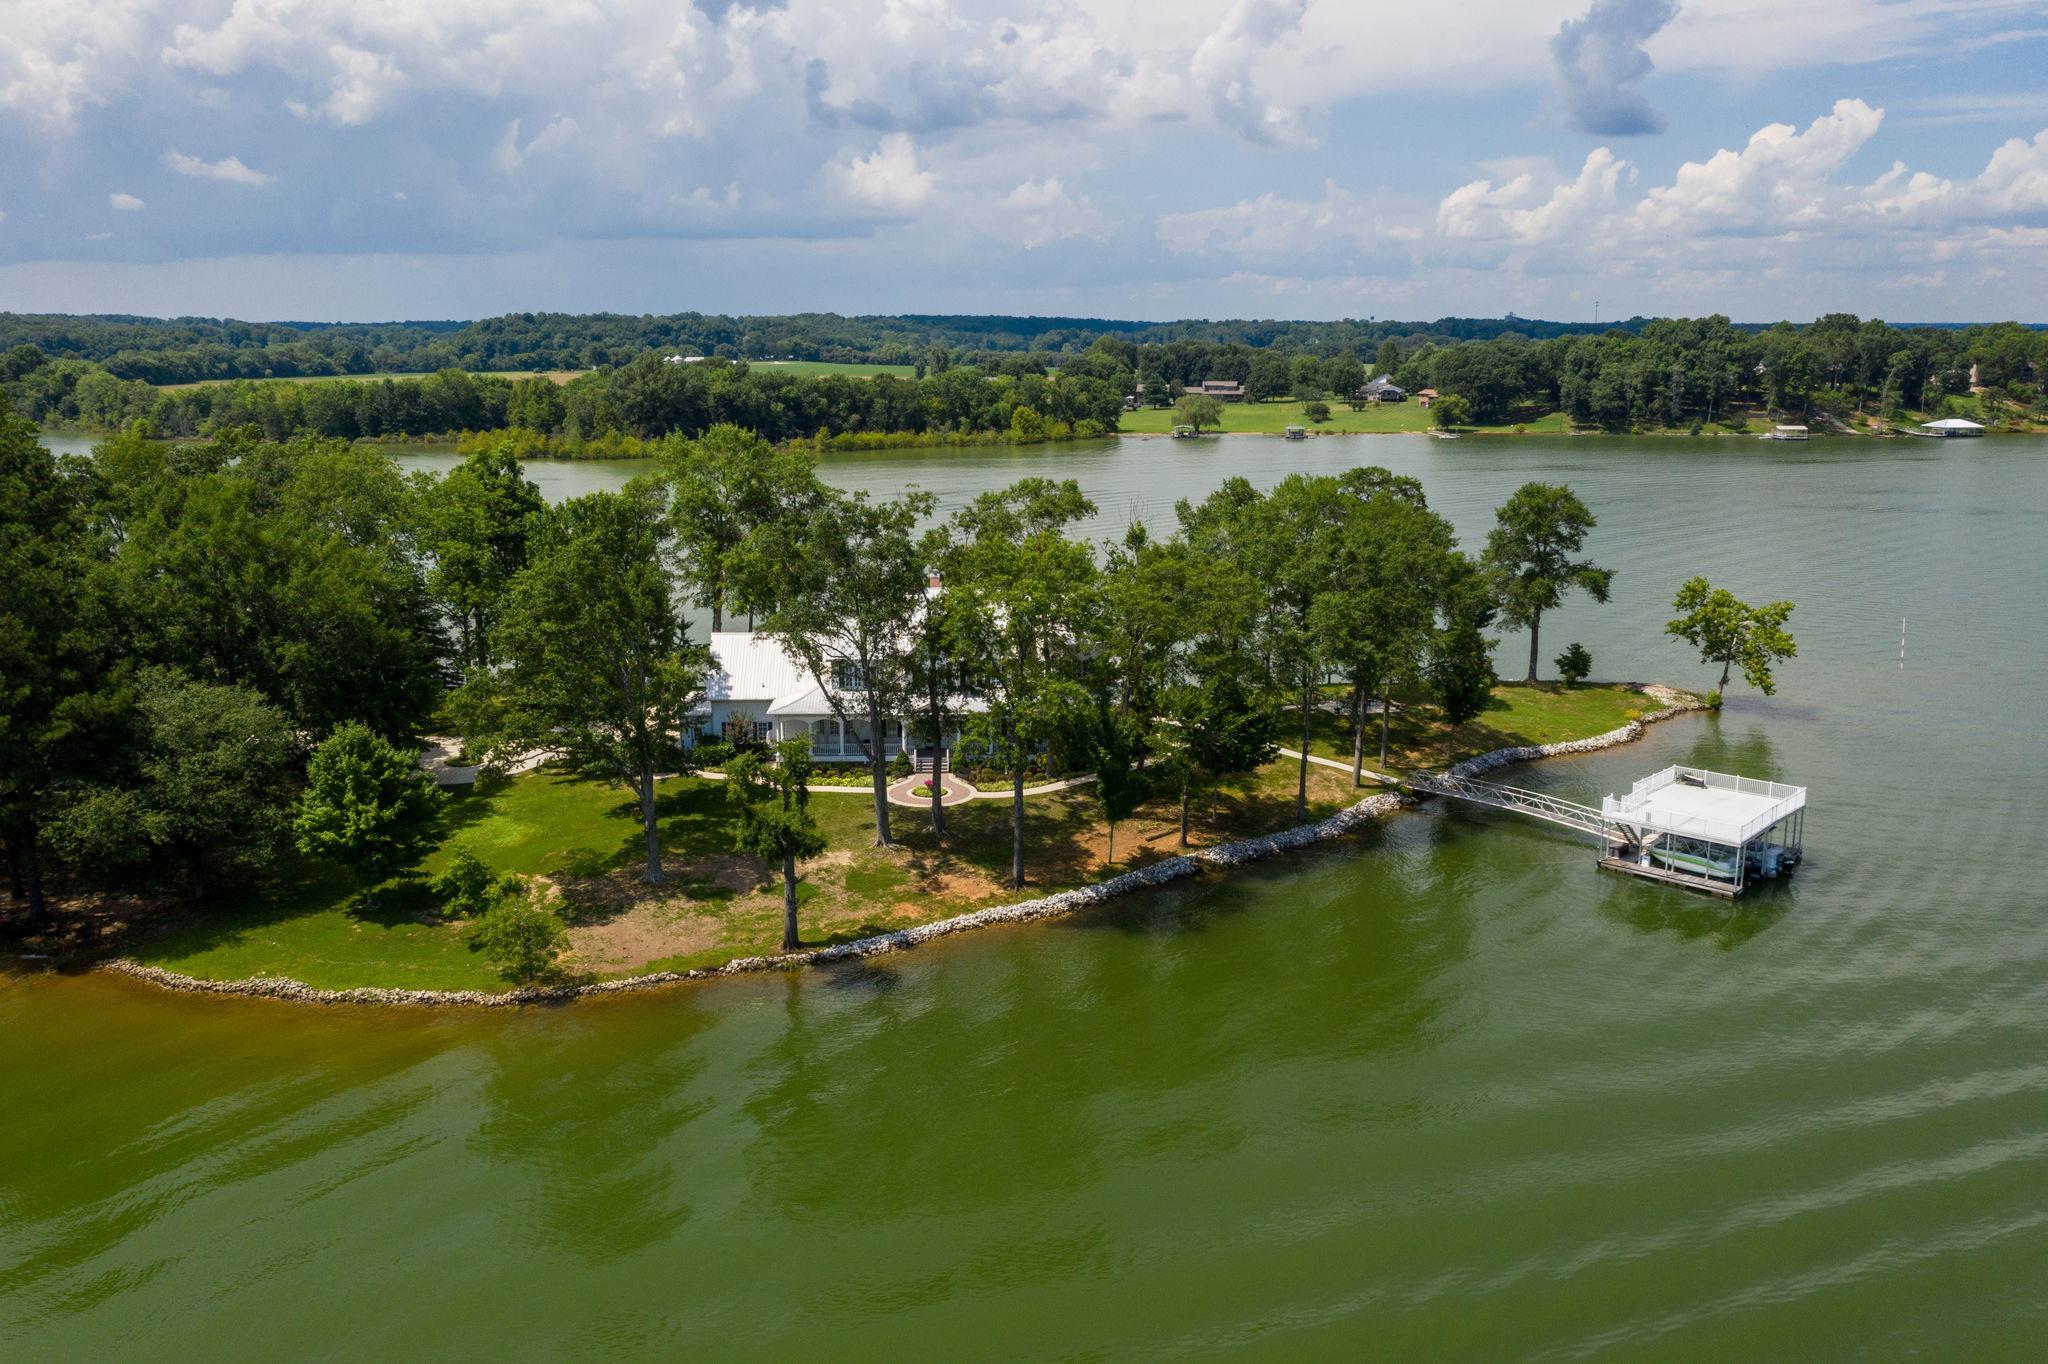 721 Waters Edge Dr, Estill Springs, TN 37330 - Estill Springs, TN real estate listing